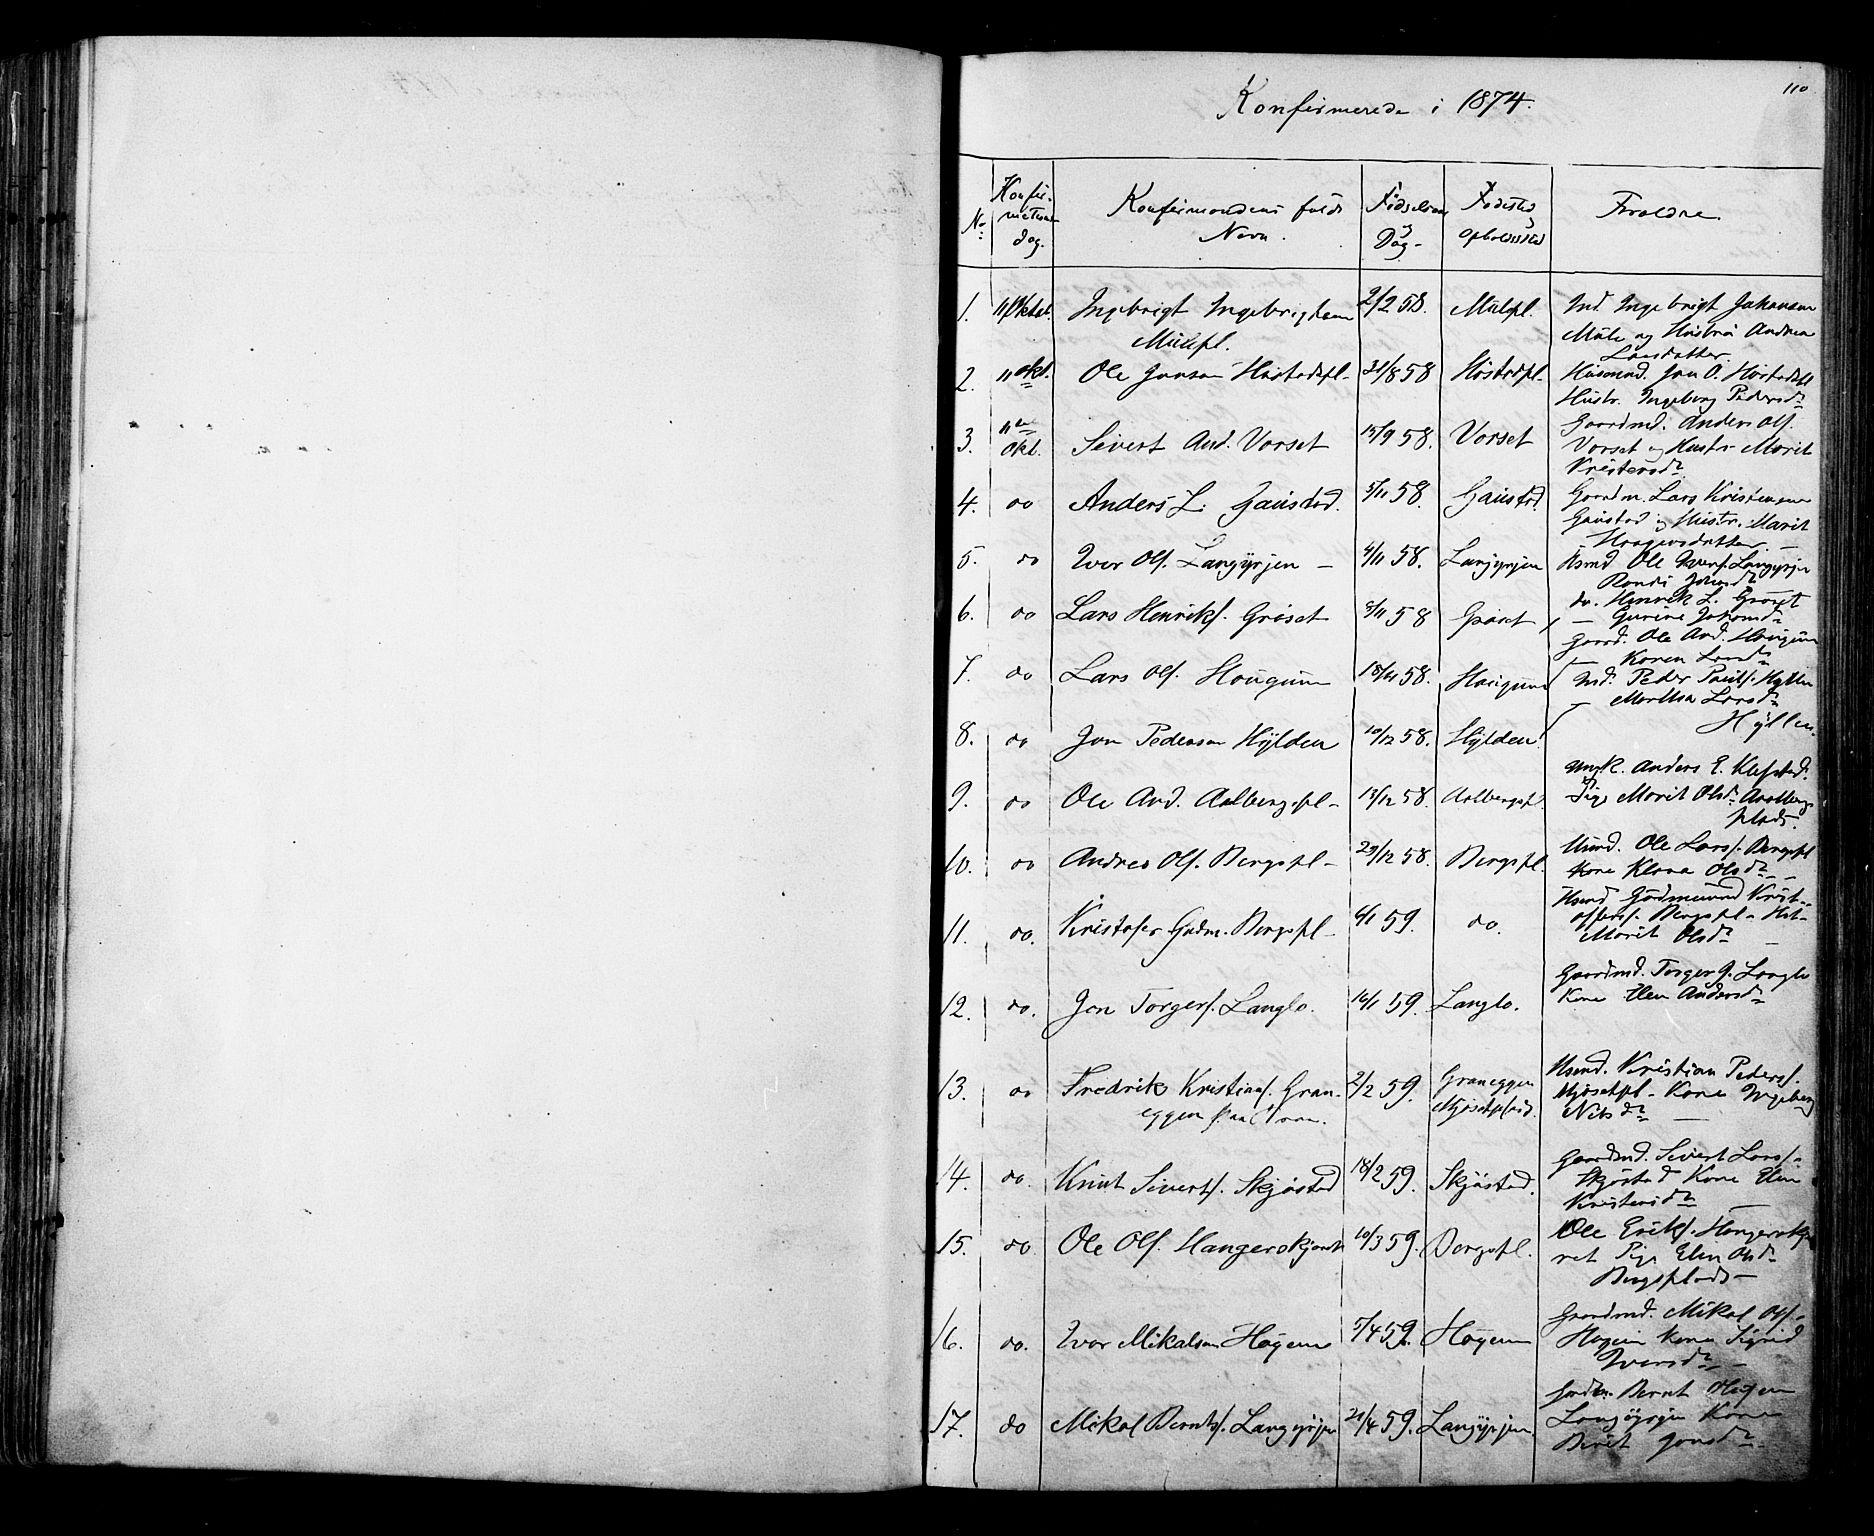 SAT, Ministerialprotokoller, klokkerbøker og fødselsregistre - Sør-Trøndelag, 612/L0387: Klokkerbok nr. 612C03, 1874-1908, s. 110